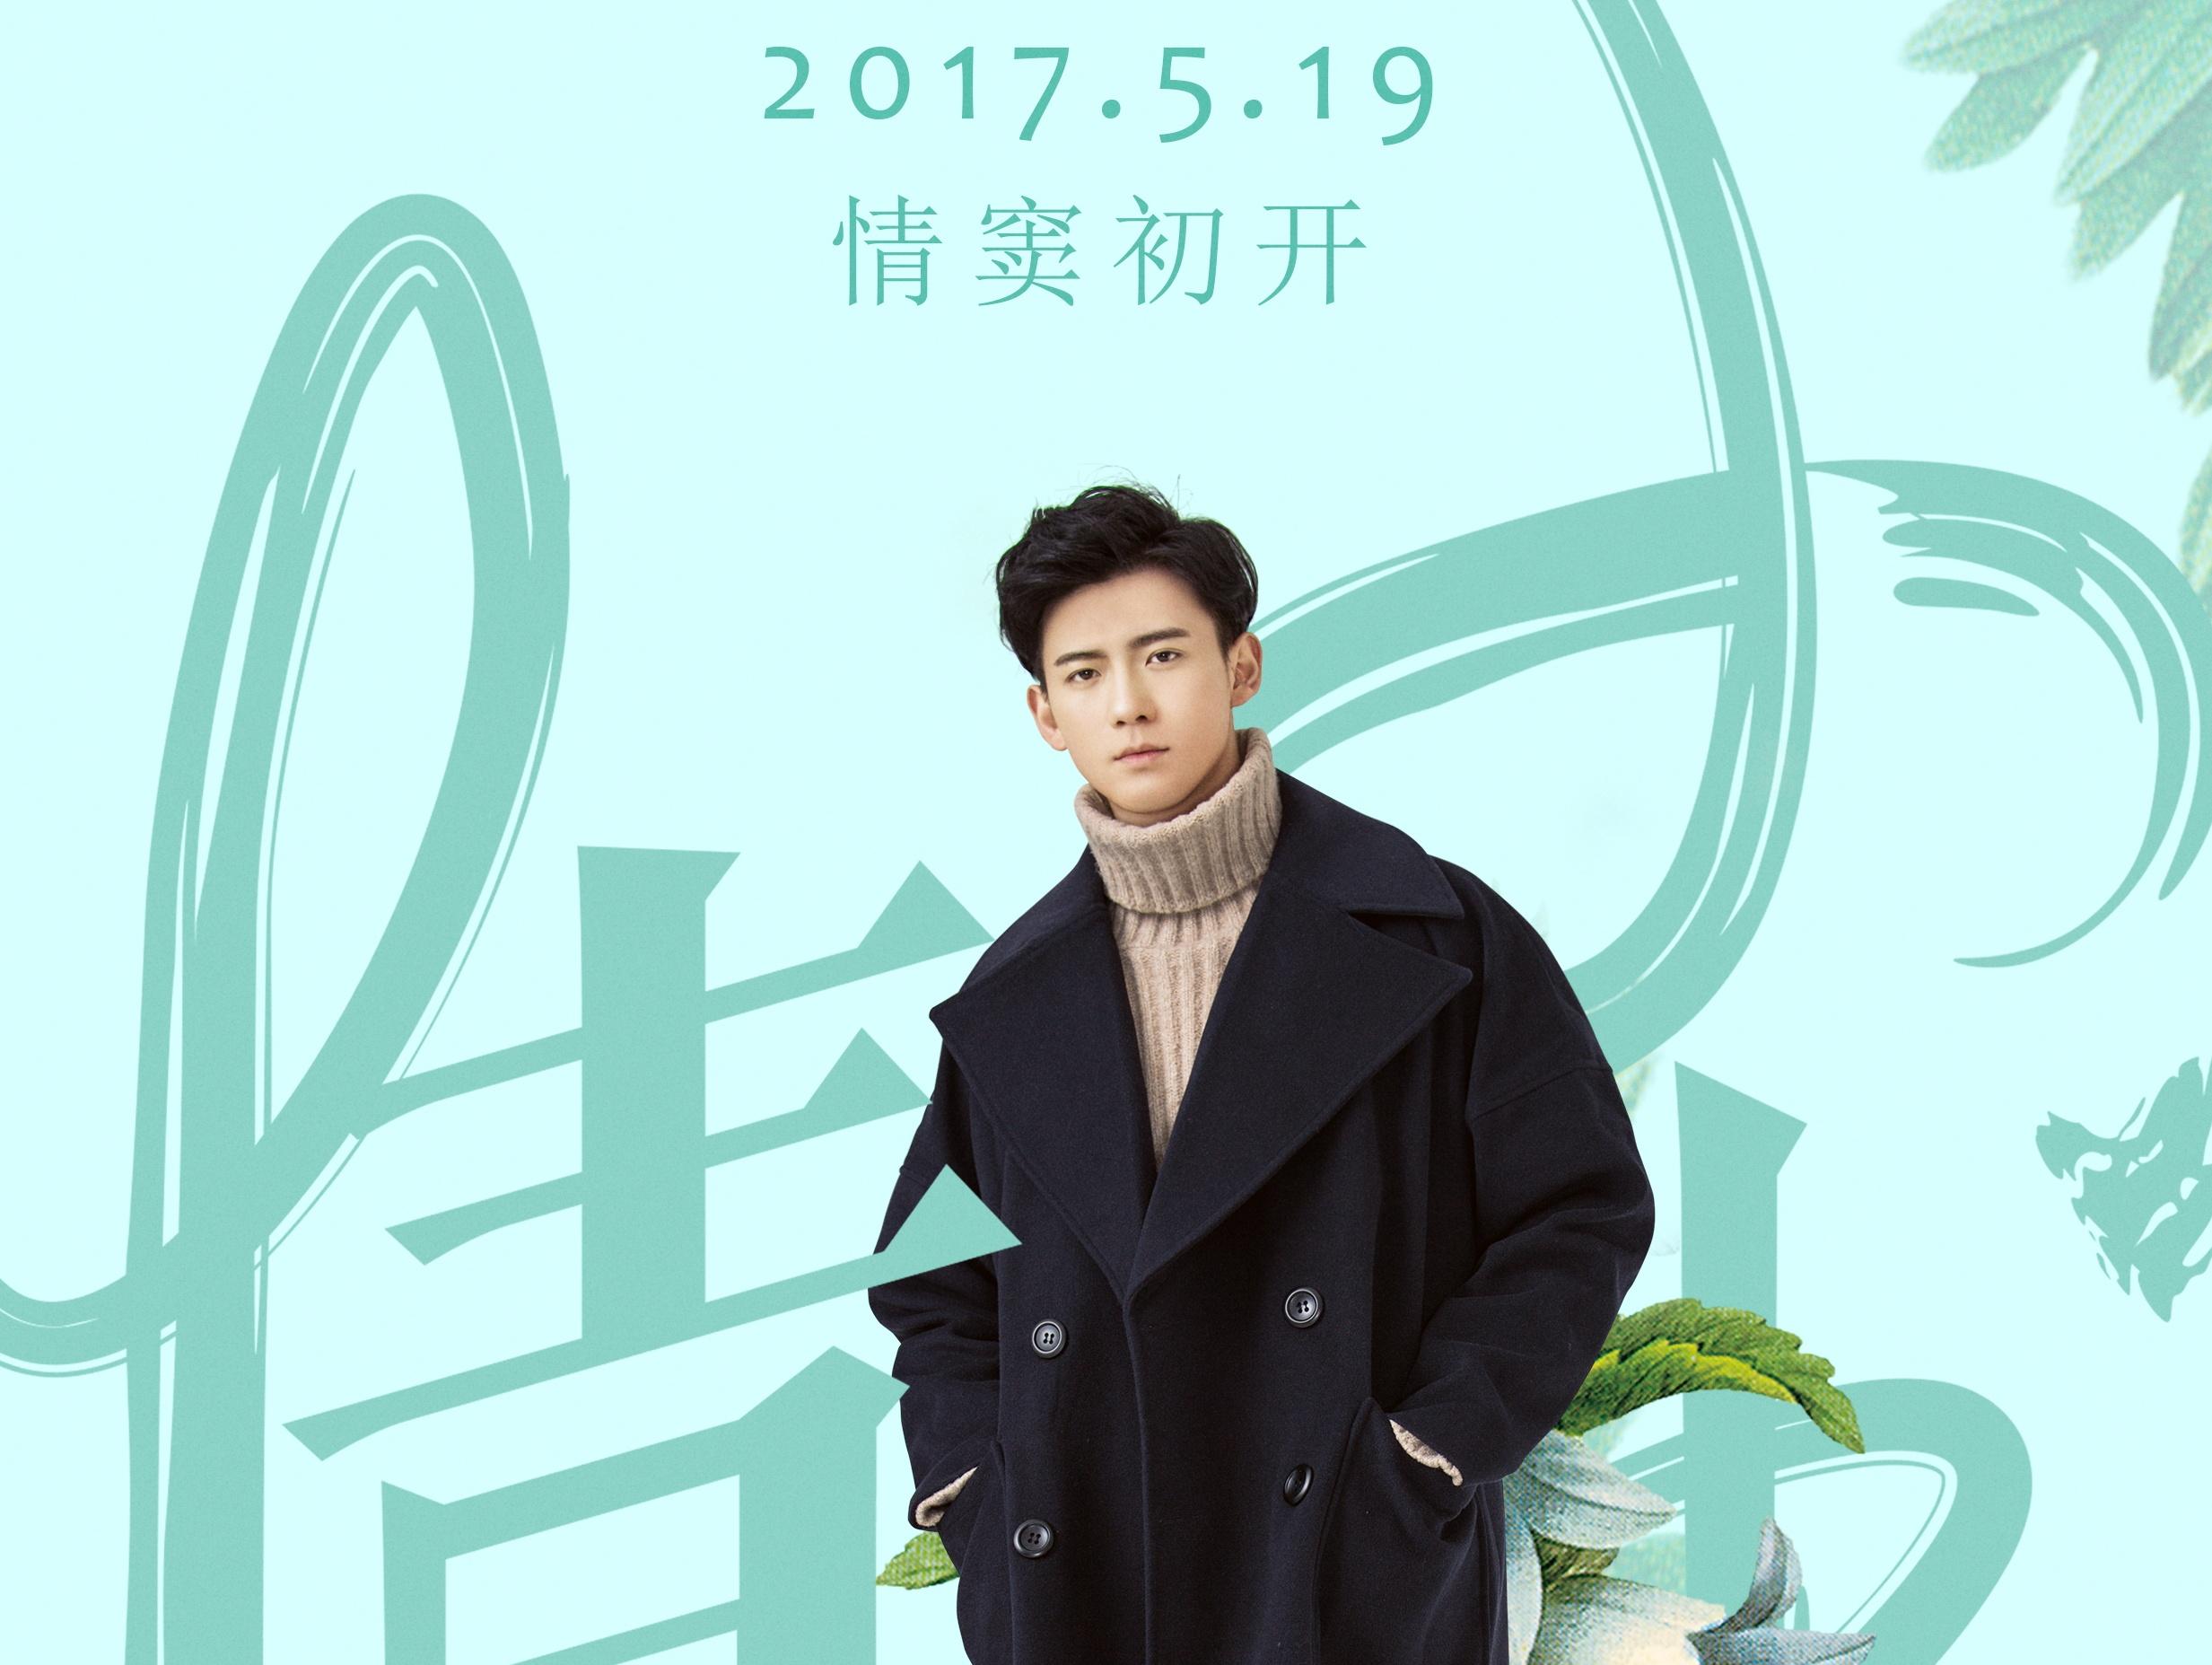 角色纯爱电影《小情书》电影青春曝光日本海报怒豆瓣图片